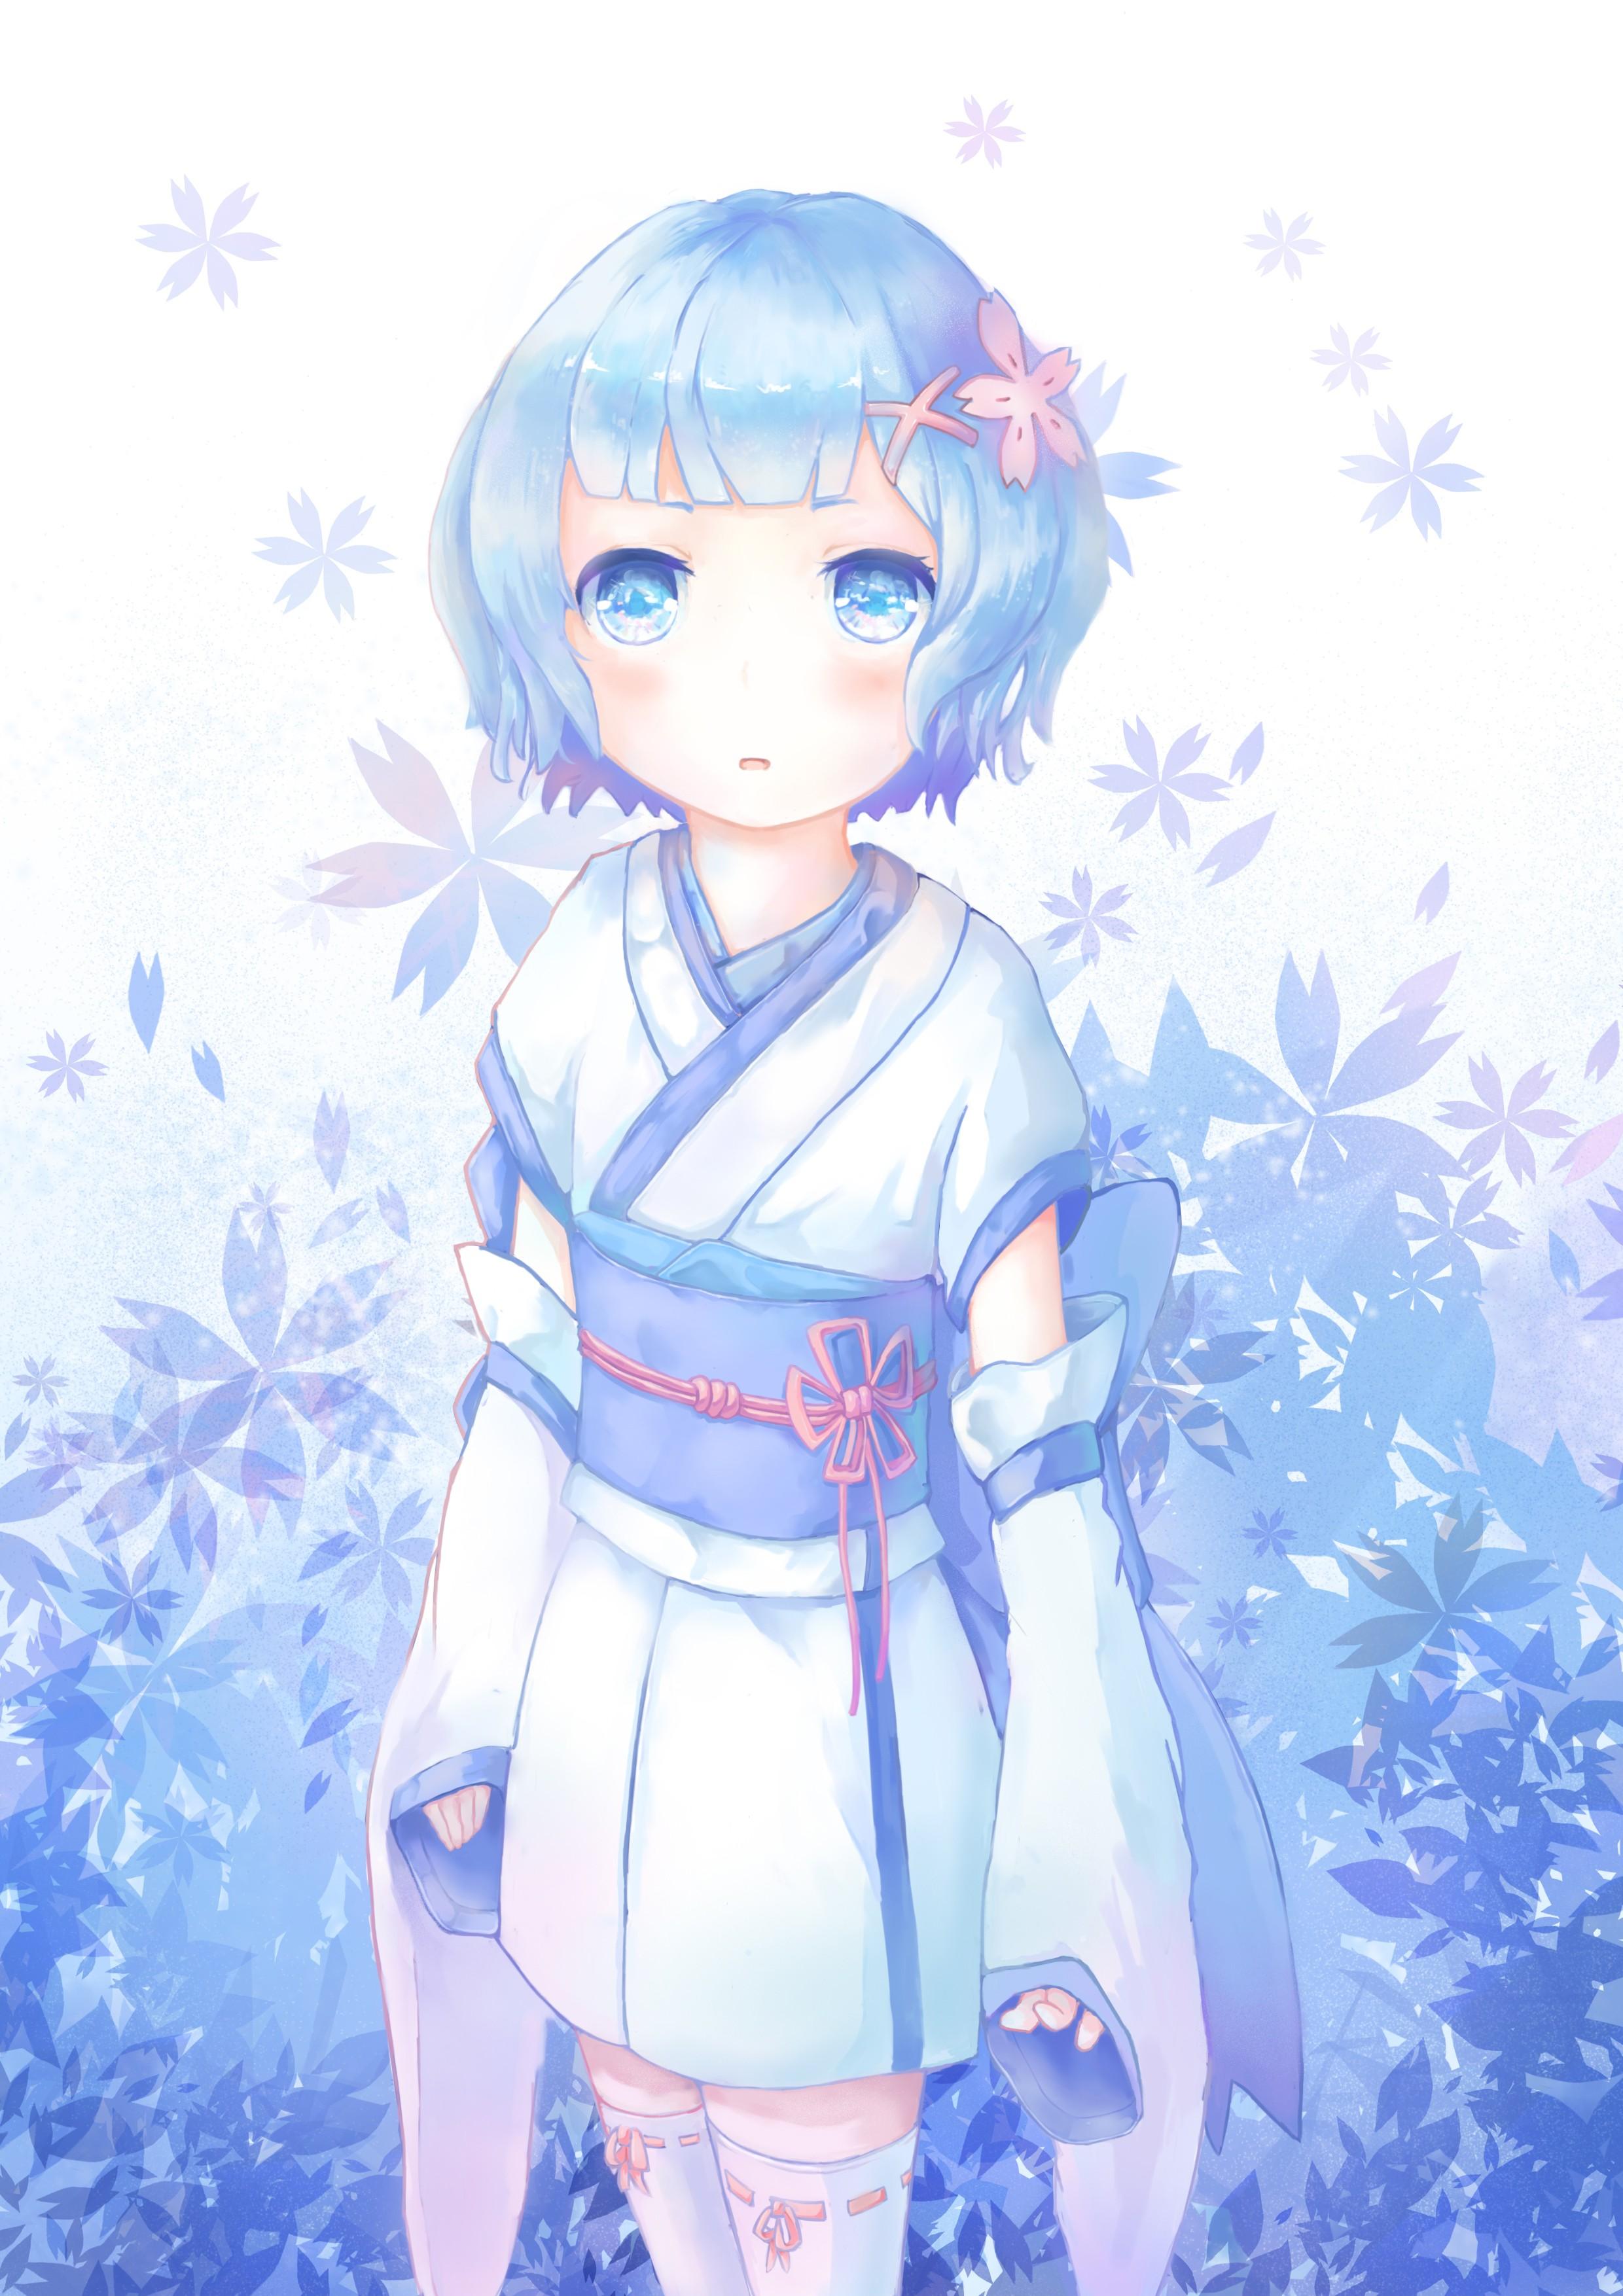 デスクトップ壁紙 図 フラワーズ アニメ 青い髪 青い目